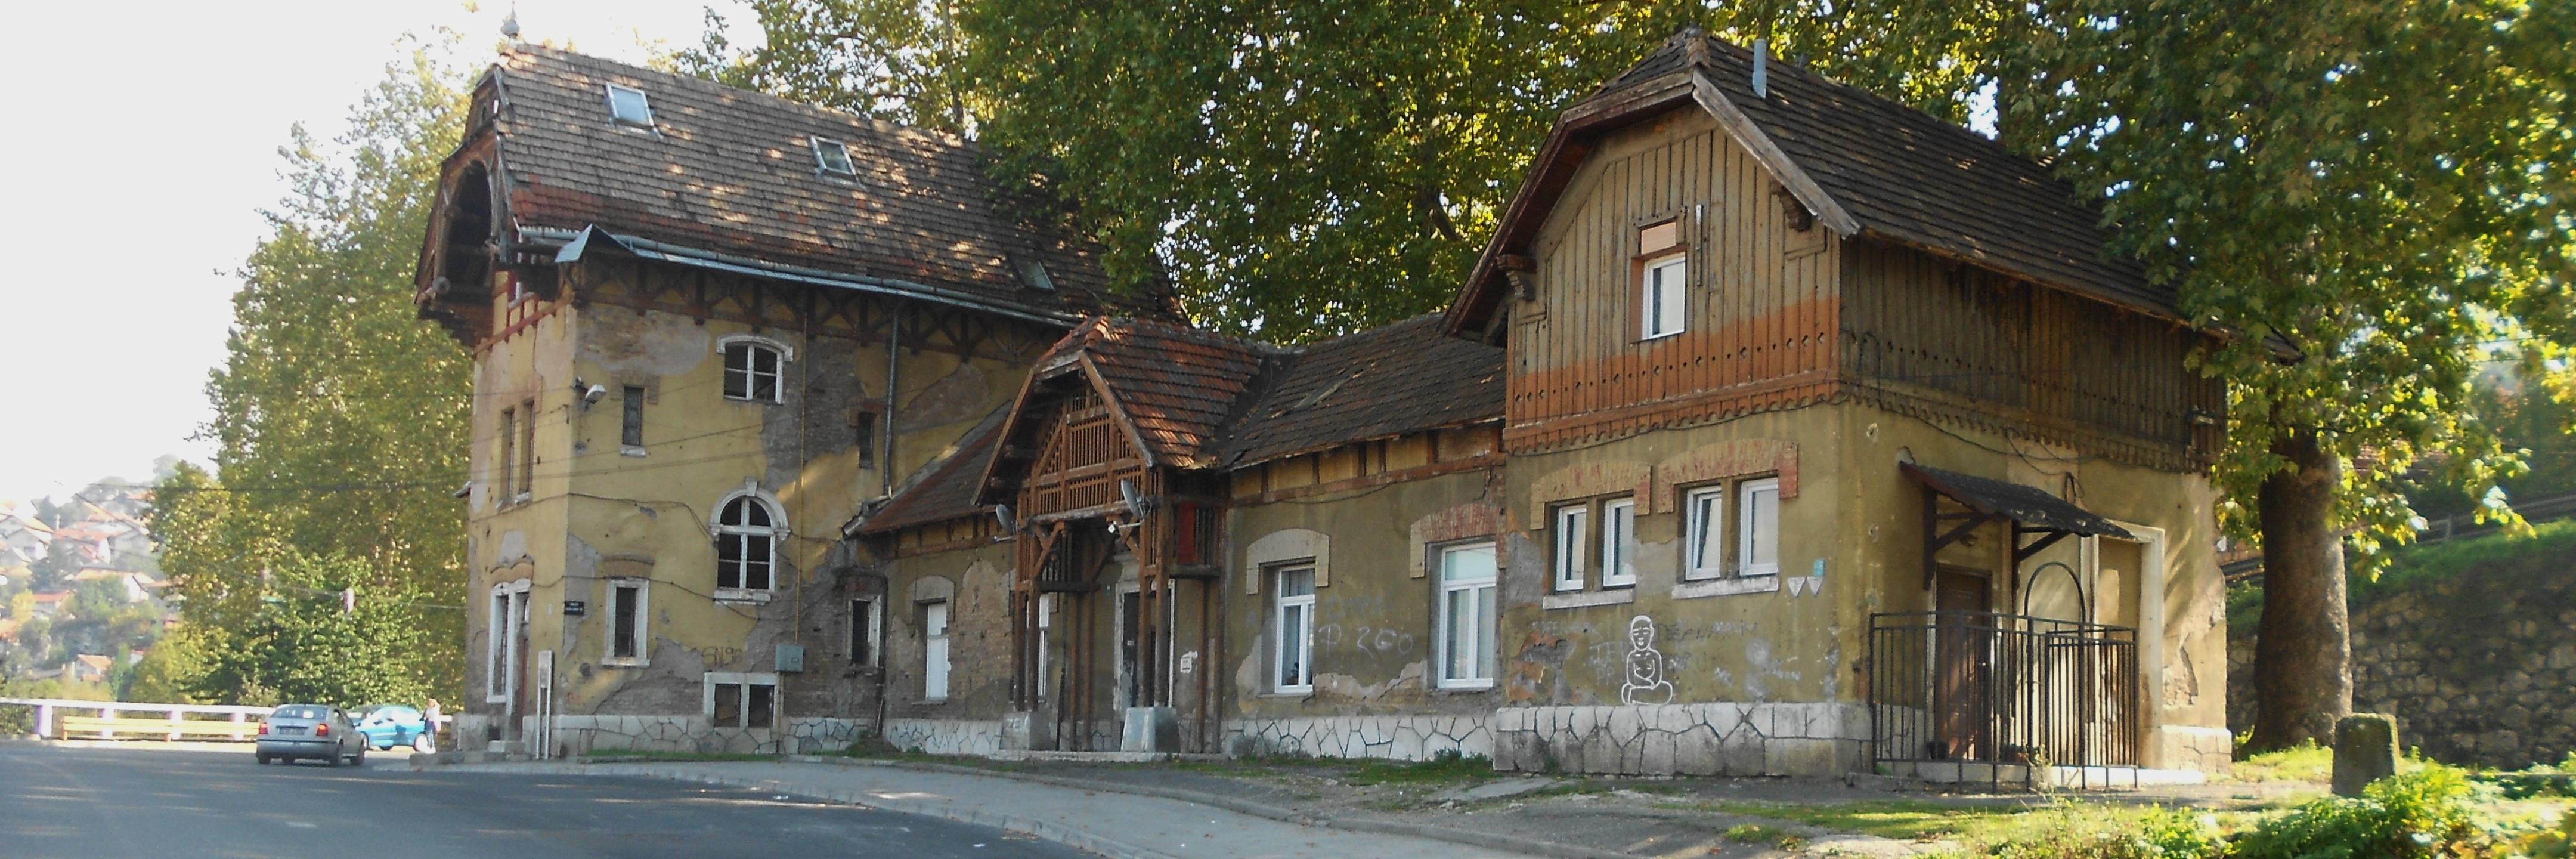 Железнодорожная станция Бистрик